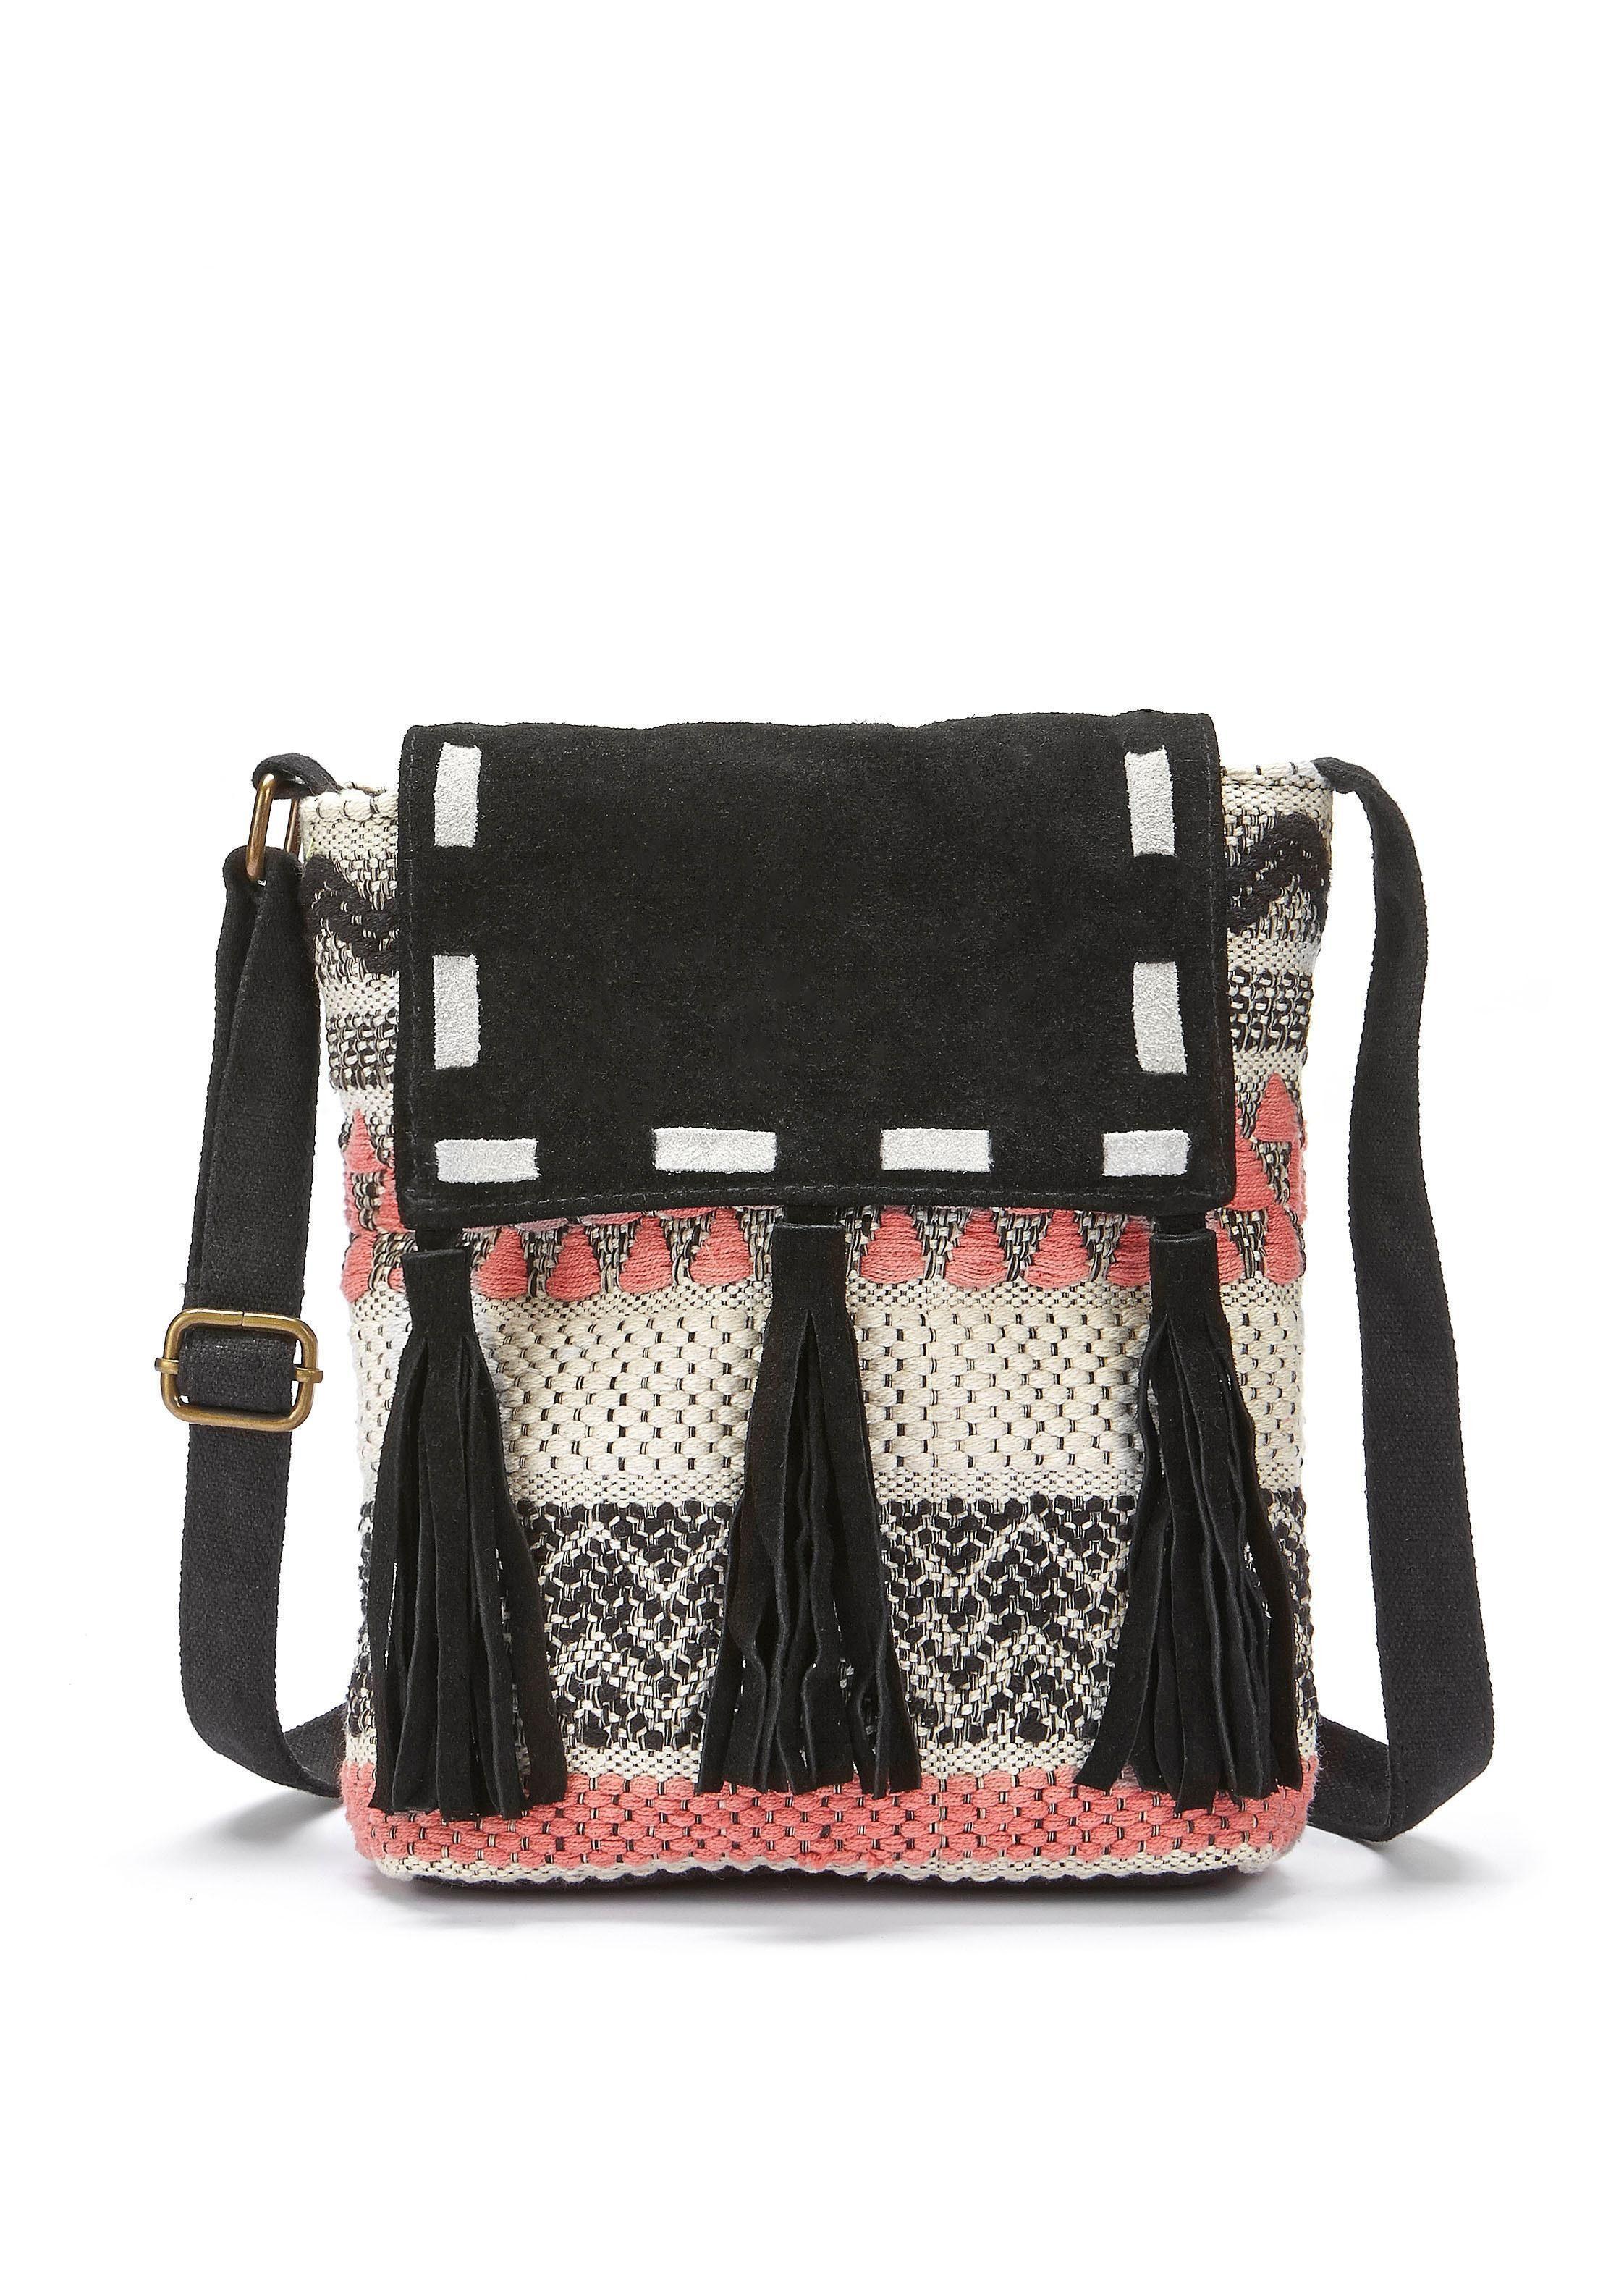 LASCANA Umhängetasche, Strandtasche mit Lederapplikation und im Ethnolook günstig online kaufen